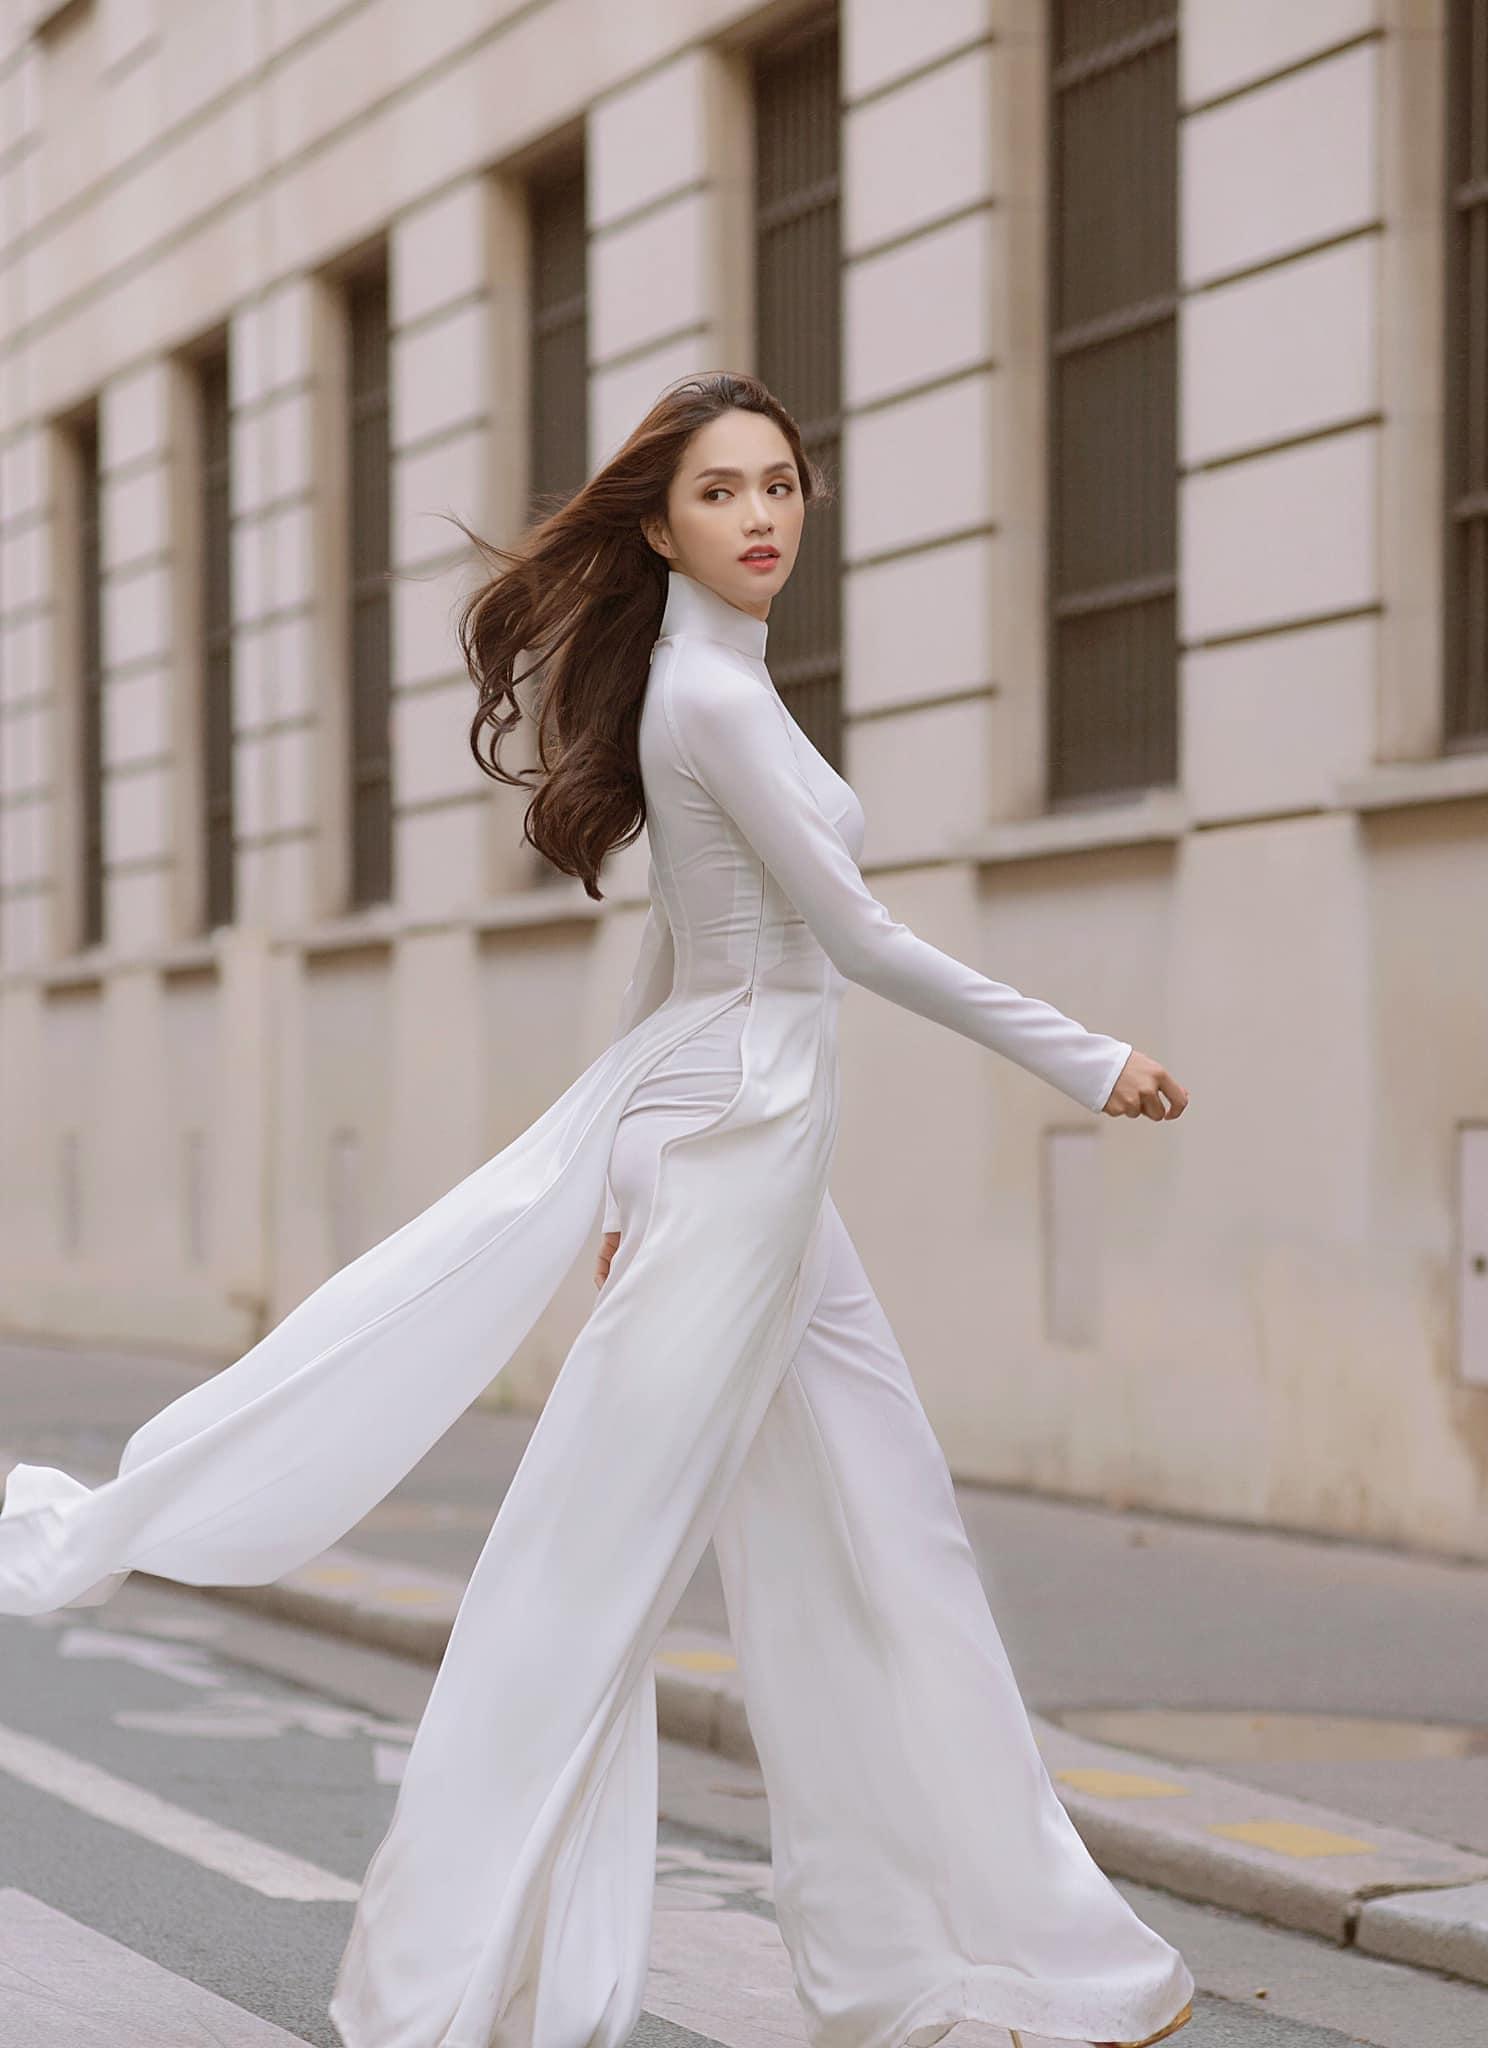 Hương Giang mặc áo dài trắng tinh khôi đẹp tựa nữ thần ở